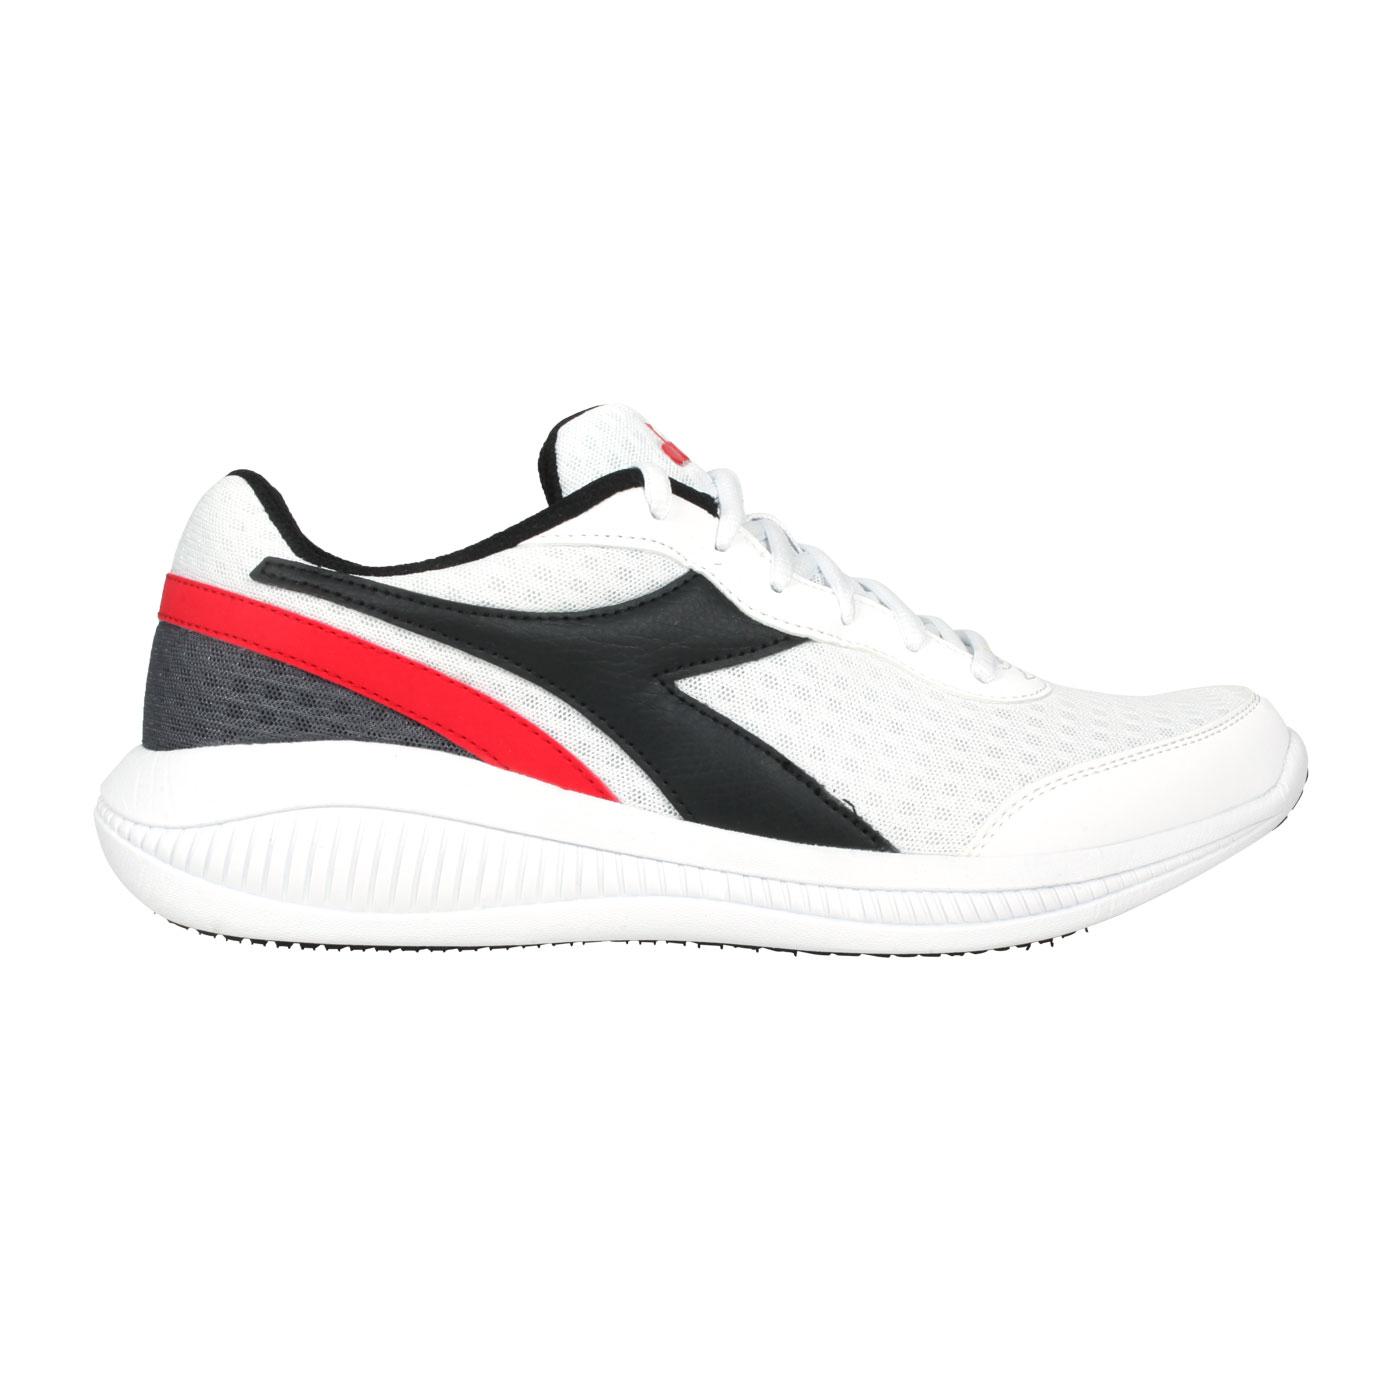 DIADORA 男款原廠進口慢跑鞋 DA176888-C8021 - 白黑紅